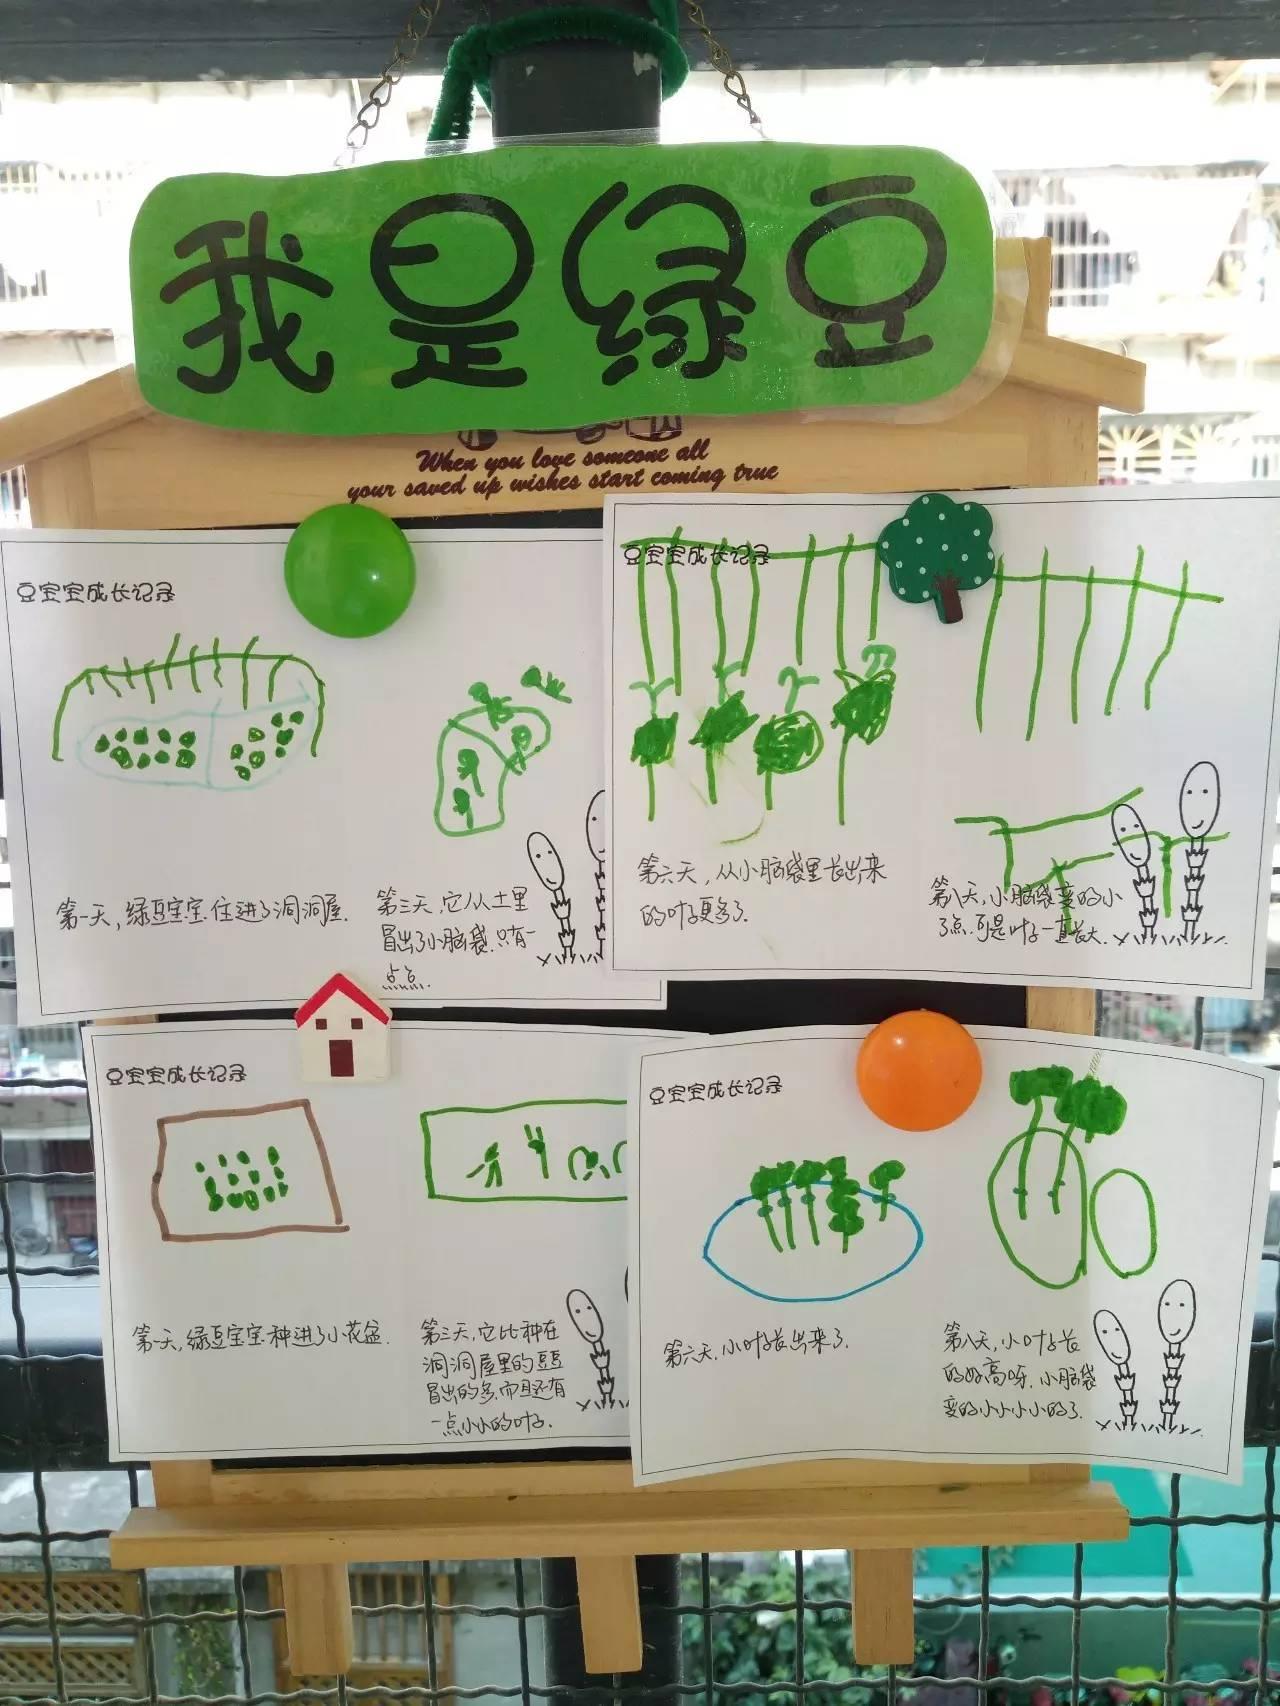 教室做爱种子_开学环创 | 哇,这还是我们的教室吗?